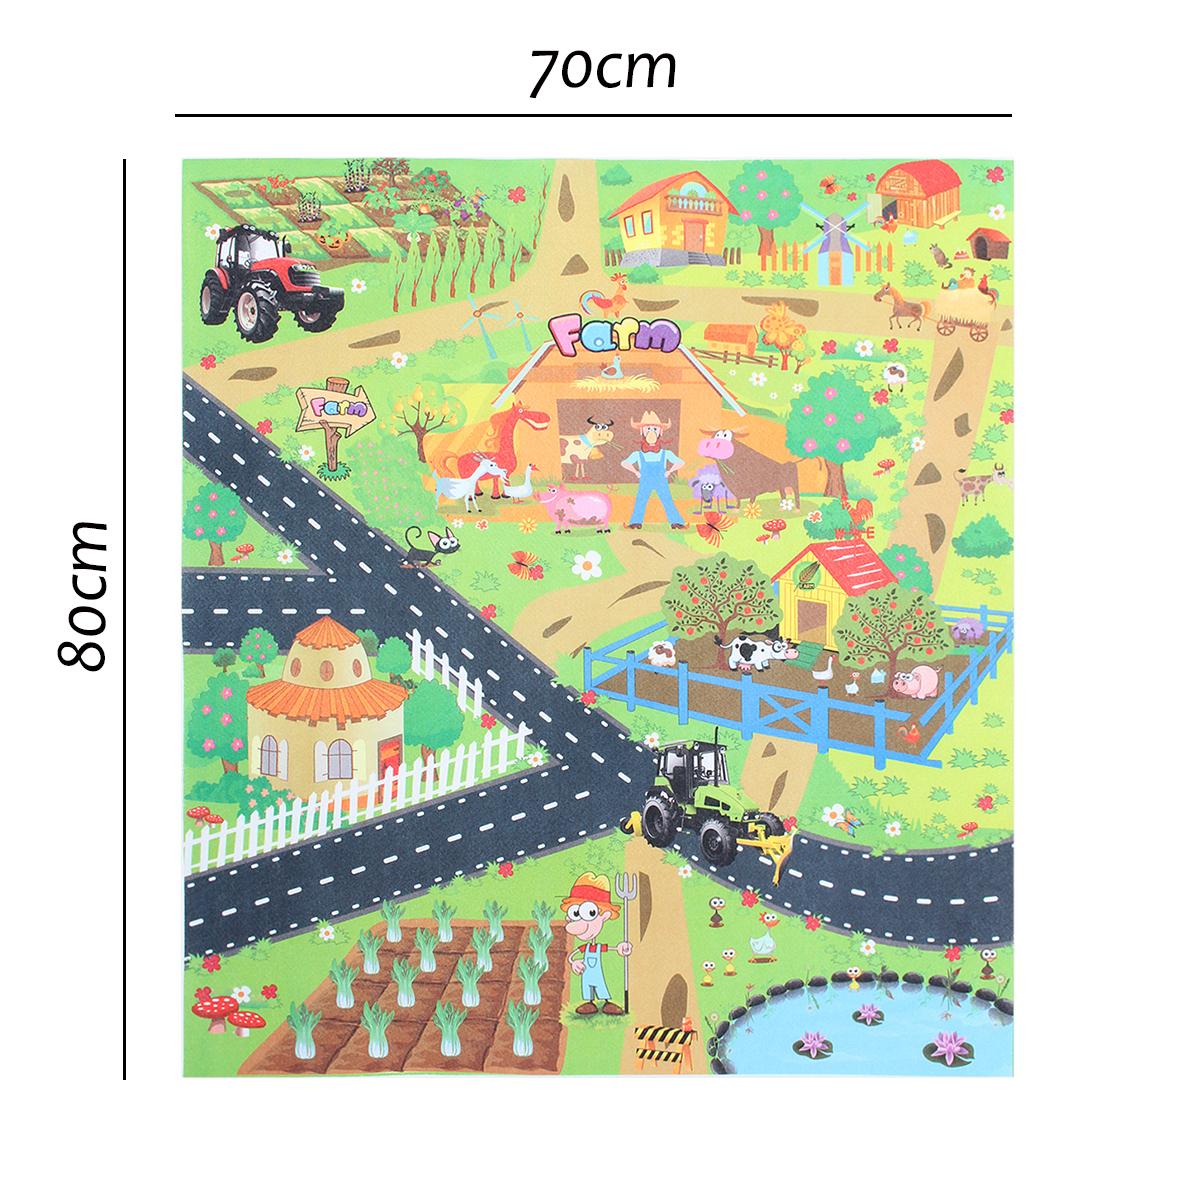 Tempsa 70X80Cm Tapis De Jeu En Tissu Non Tissé Pour Enfants ... intérieur Grand Jardin D Enfant Playmobil